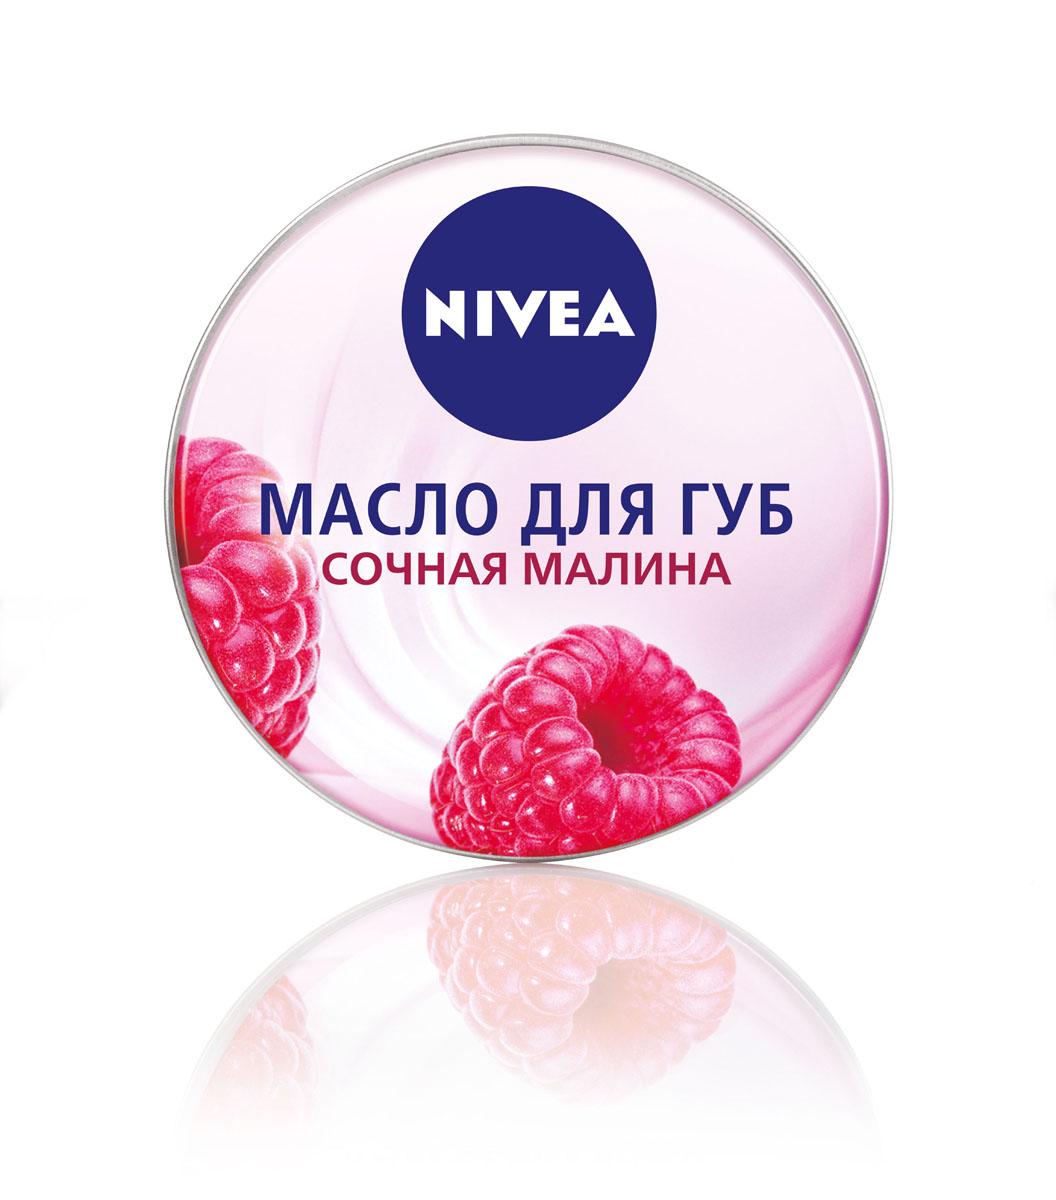 NIVEA Масло для губ «Сочная малина» 19 млFS-00897•Масло для губ от NIVEA — это новая гамма восхитительных вкусов и ароматов, которая превращает уход за губами в истинное удовольствие. Увлажняющая формула, обогощенная маслами карите и миндаля, интенсивно и надолго увлажняет кожу губ. Масло для губ с нежным ароматом малины делает кожу губ невероятно мягкой.Как это работает•обеспечивает интенсивный уход в течение длительного времени•подходит для сухих губ•придает необыкновенную мягкость•придает естественный блеск Одобрено дерматологами NIVEA — всё для самых нежных поцелуев!